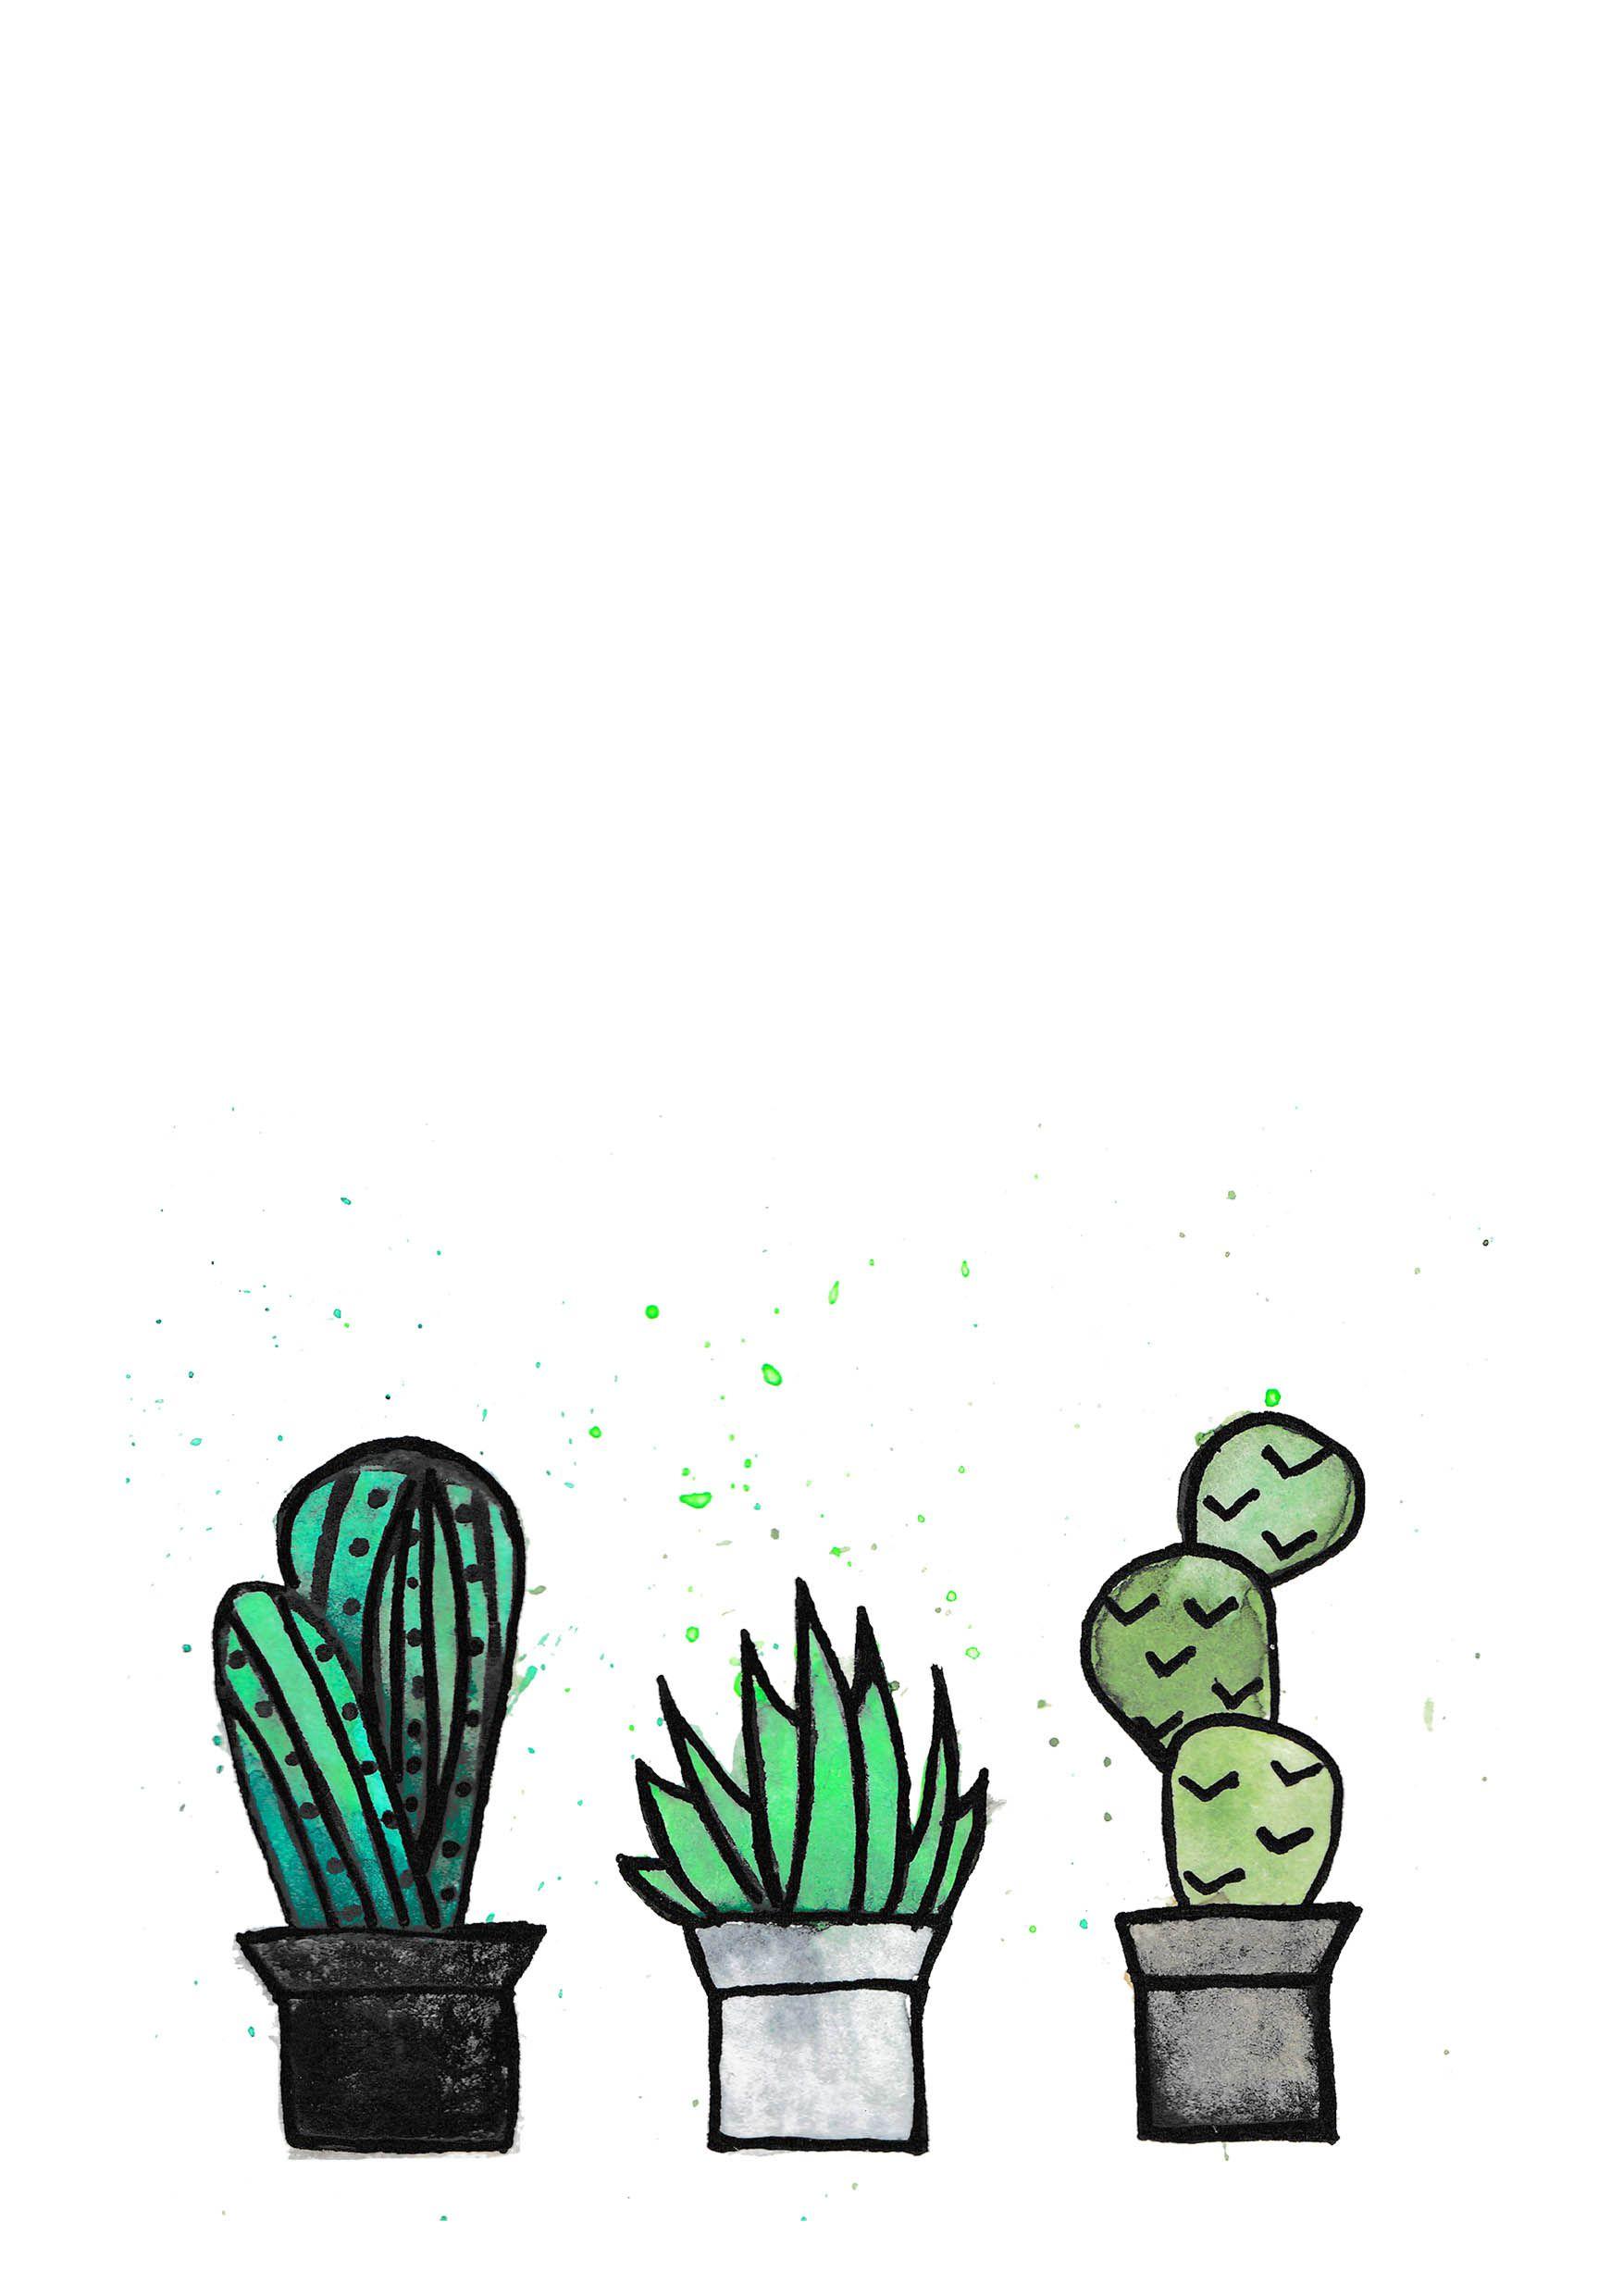 Kaktus Auf Weiß Aquarell Herunterladbares Poster/Print/ Datei Download  Greenery Kakteen Pflanzen Topfpflanze Dekoration